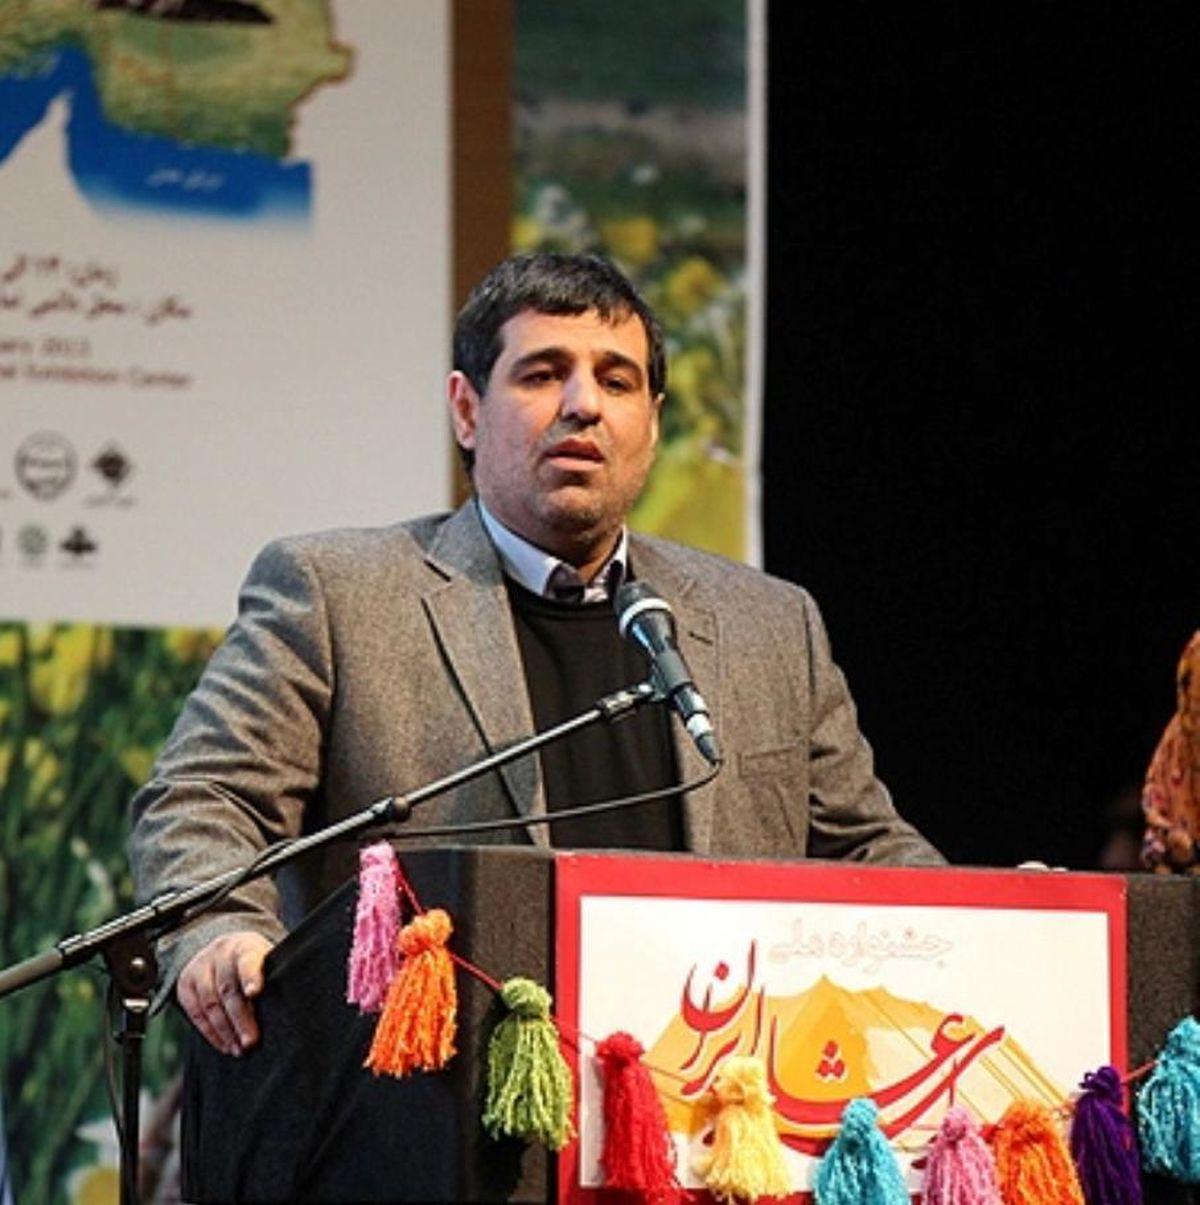 تقدیر و نامه رسمی دانشگاهها و مراکز گردشگری جهان به پروفسور محمدشریف ملکزاده بابت اولین اختراع در صنعت گردشگری جهان